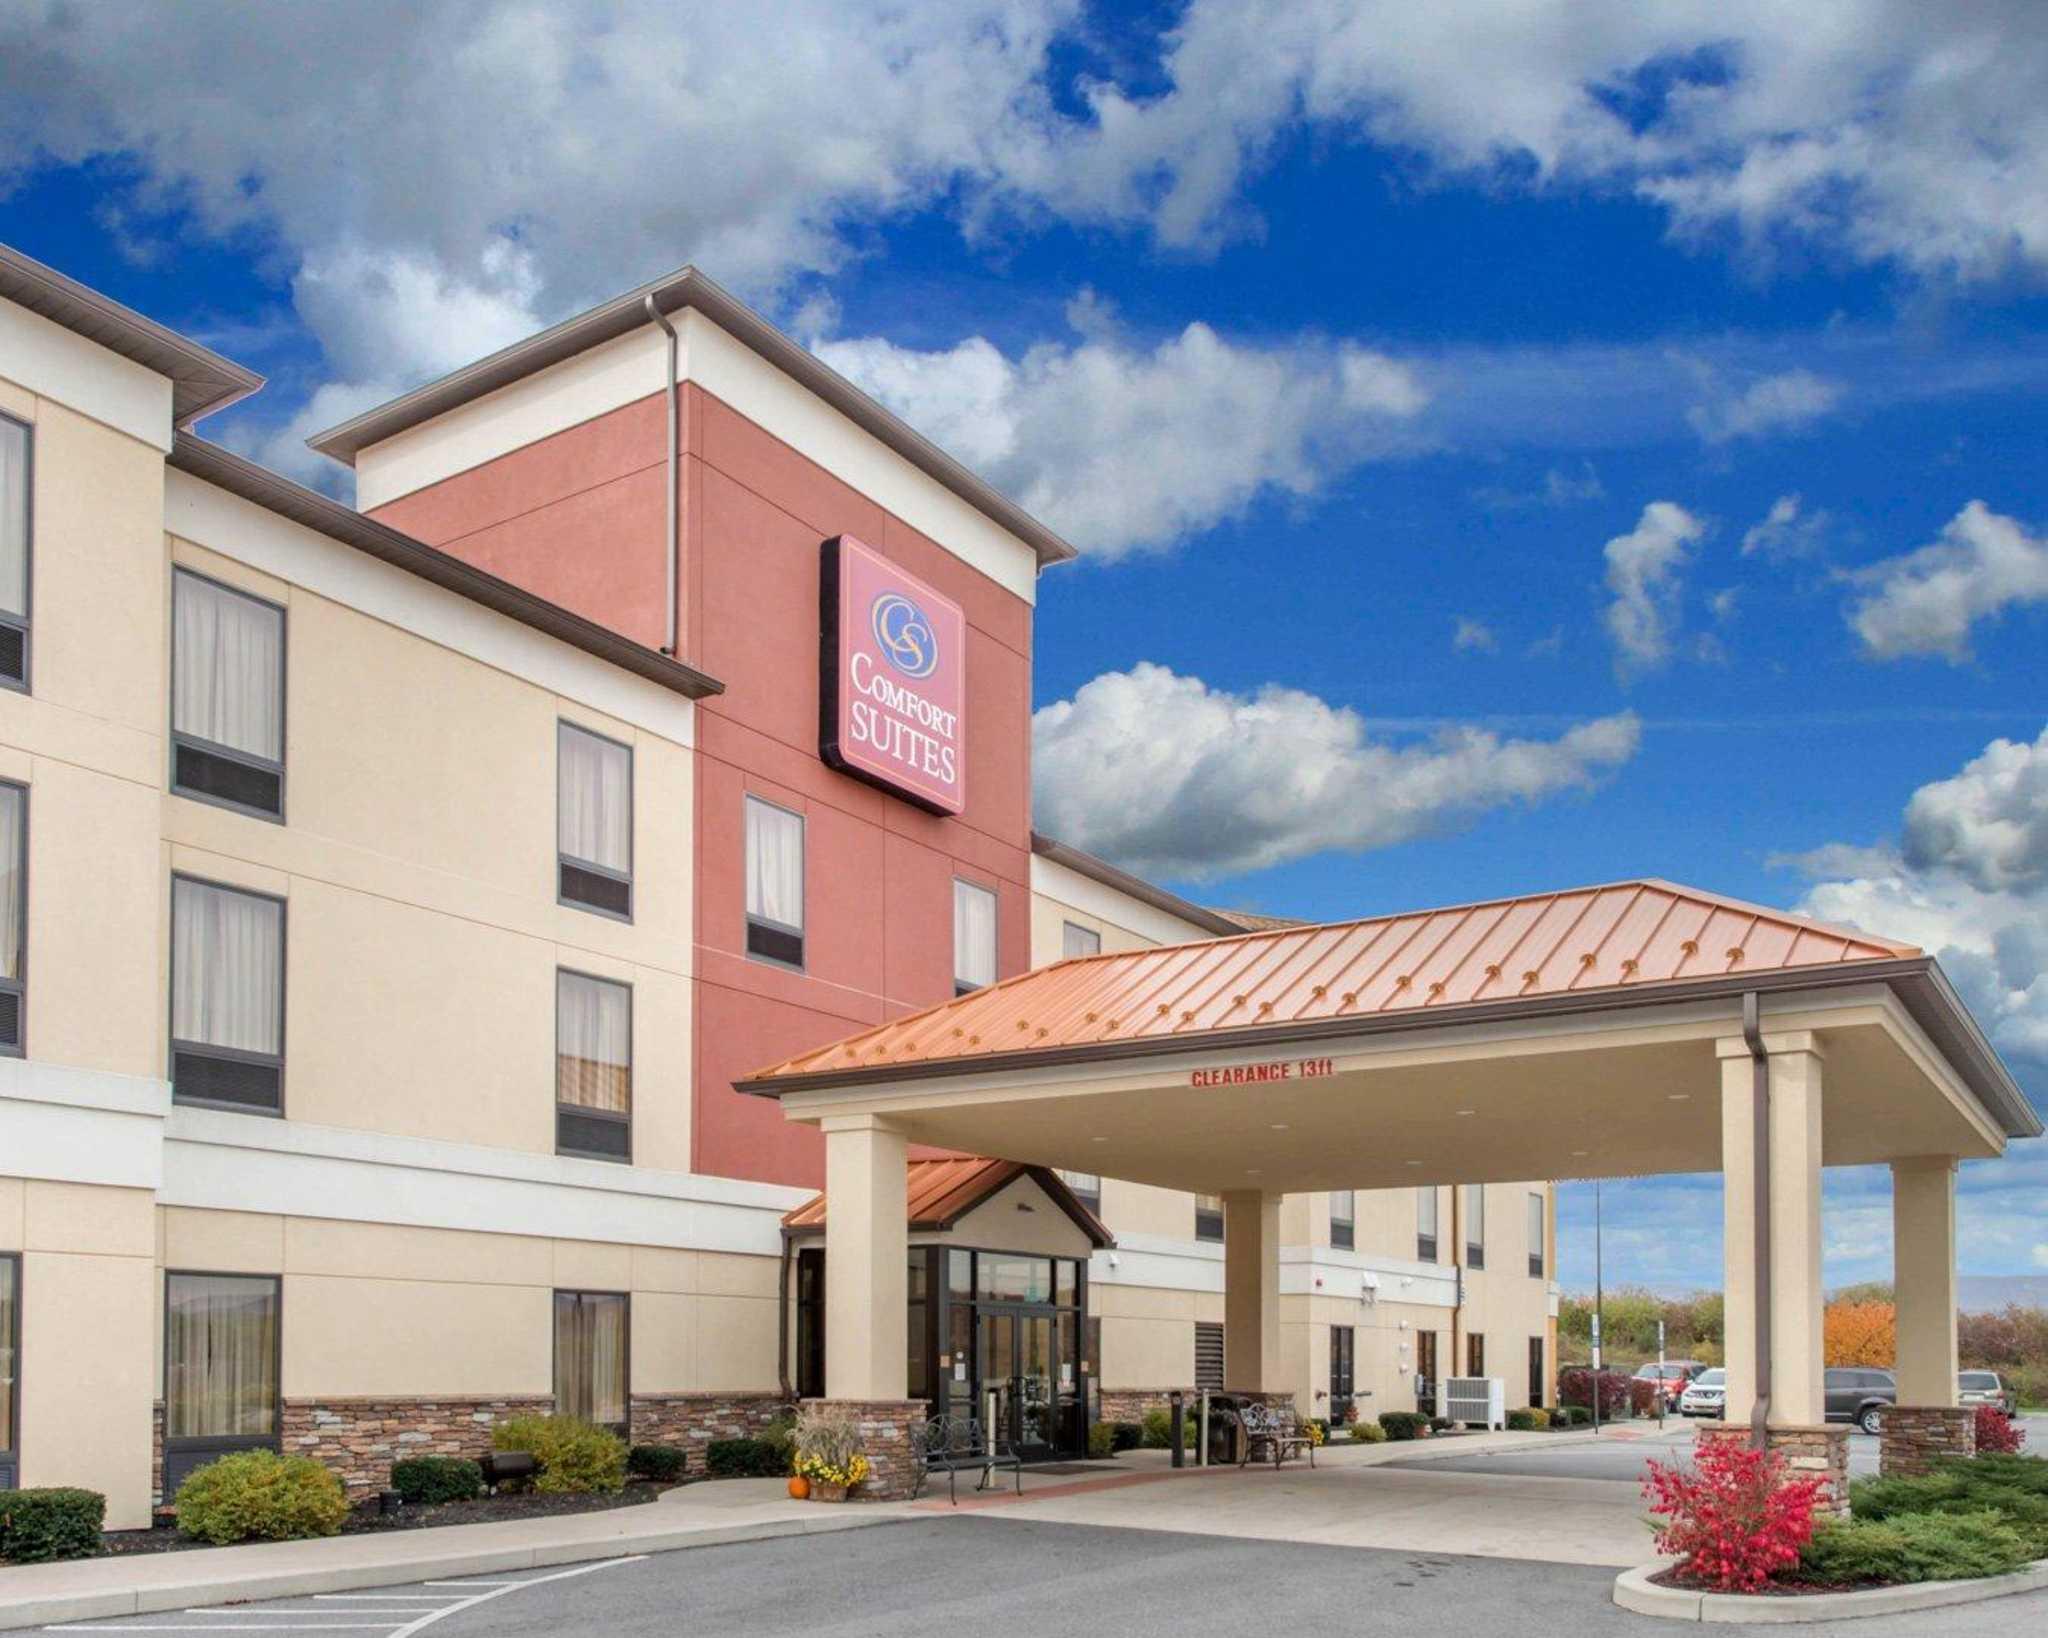 Comfort Suites Altoona Pennsylvania Pa Localdatabase Com